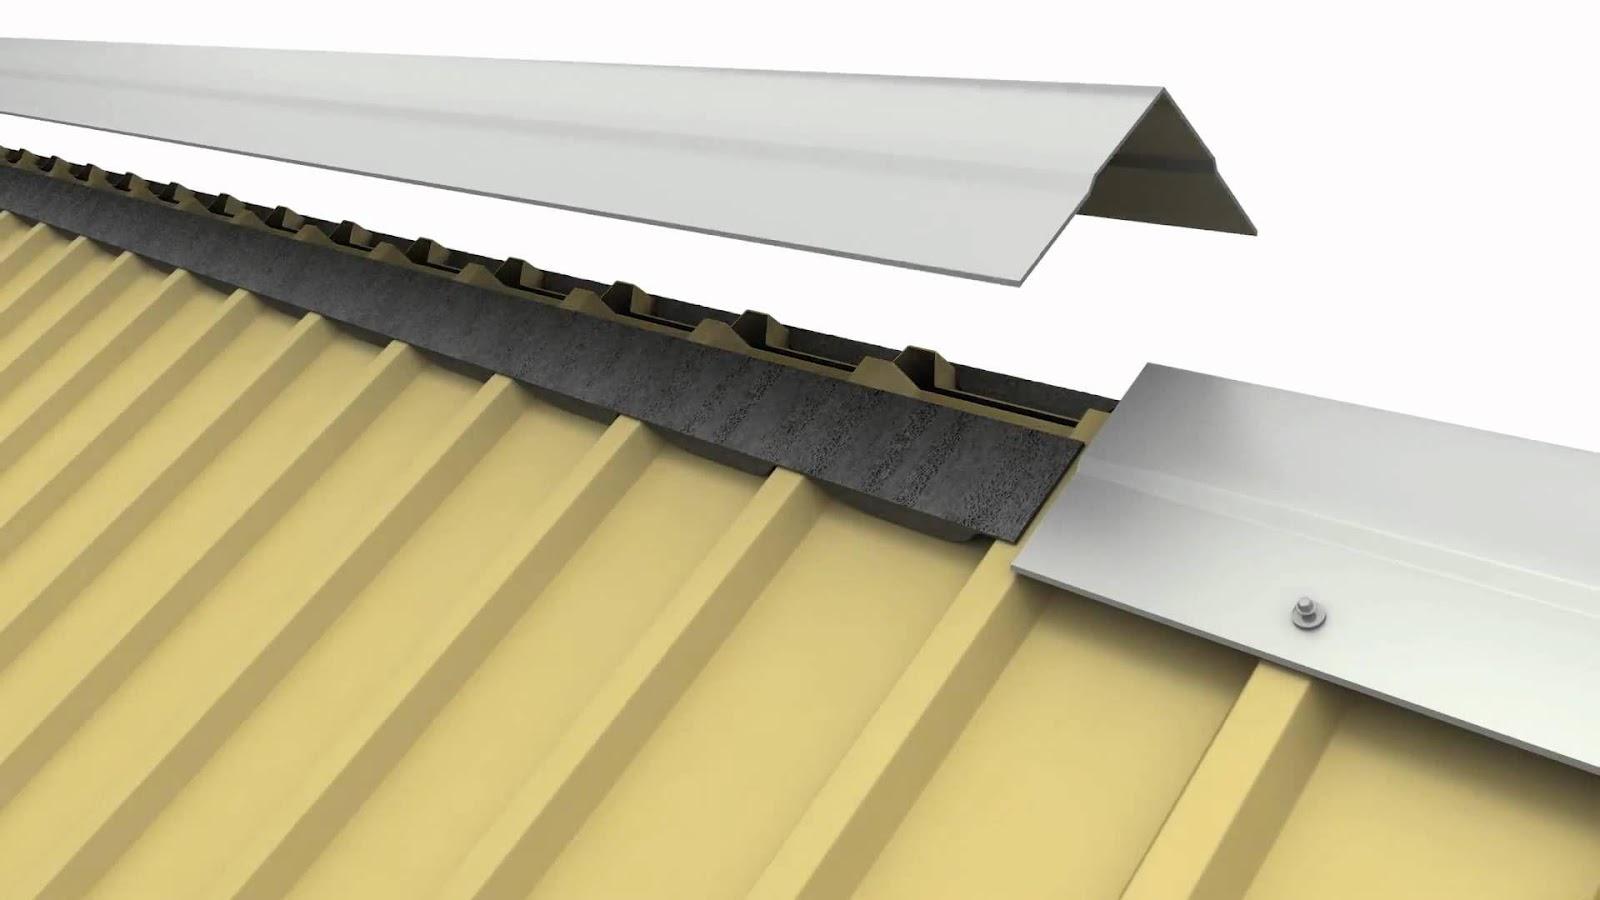 Úp nóc tôn giúp ngắn tình trạng thấm dột từ trên đỉnh mái